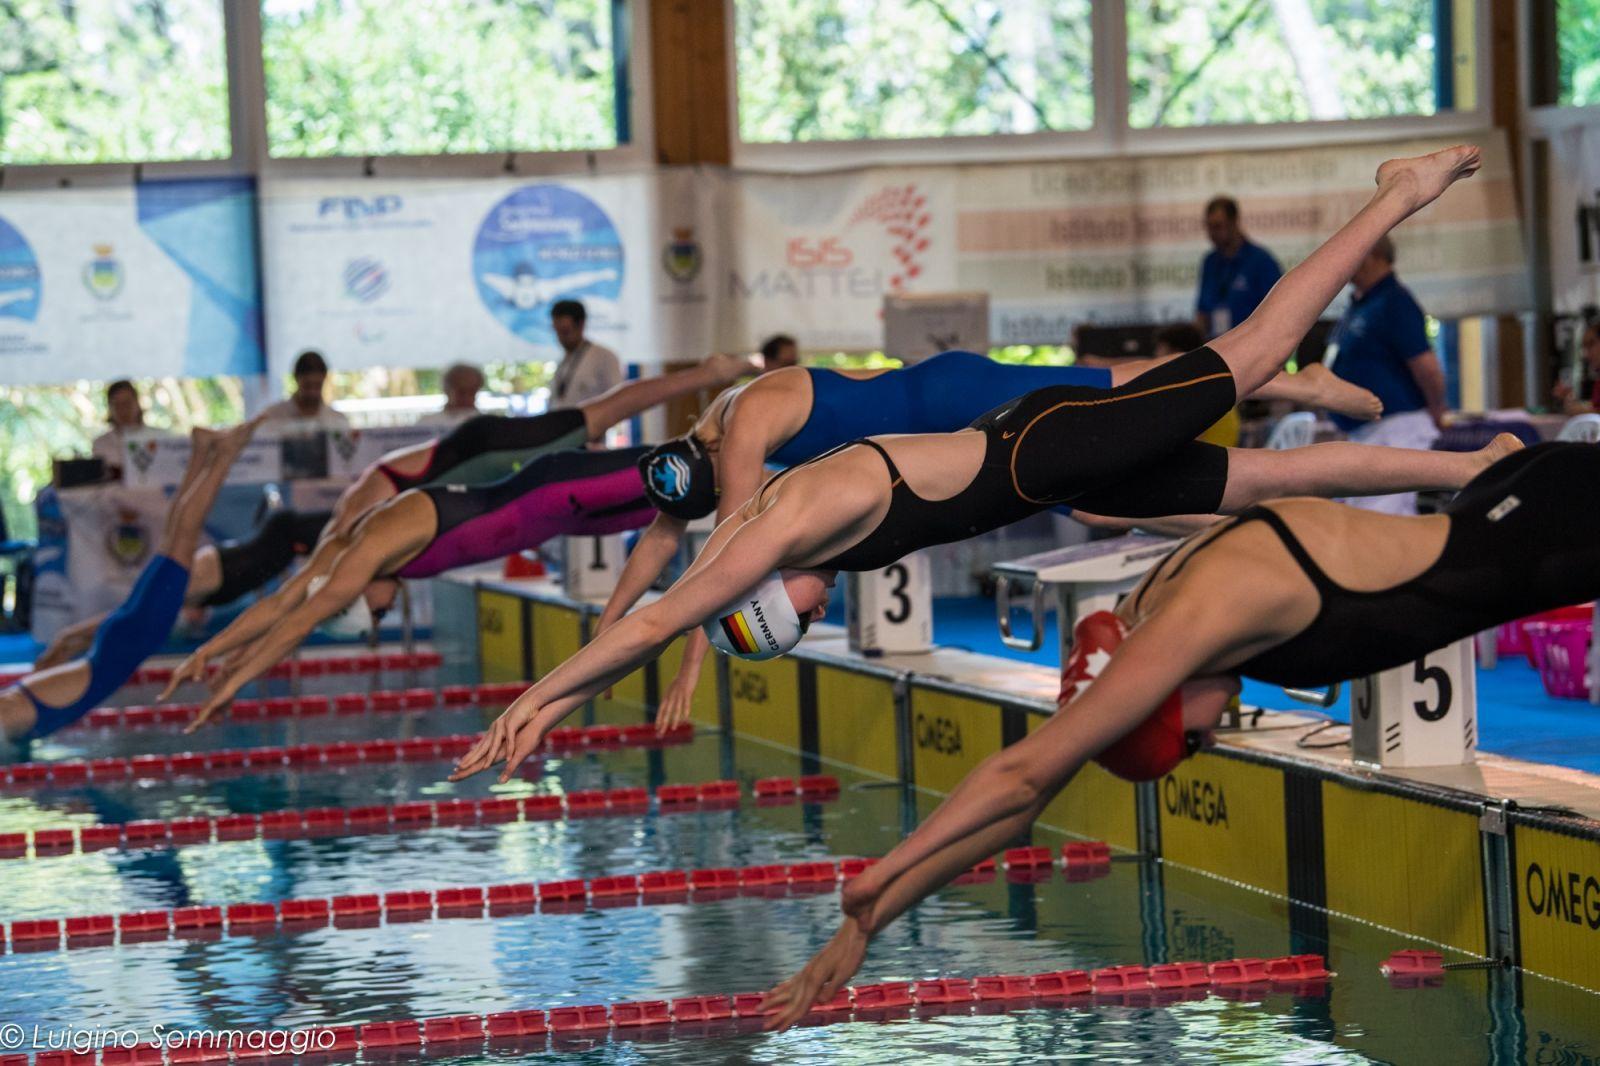 Паралимпийская сборная по плаванию завоевала 5 золотых, 2 серебряные и 1 бронзовую медали на турнире мировой серии в Италии